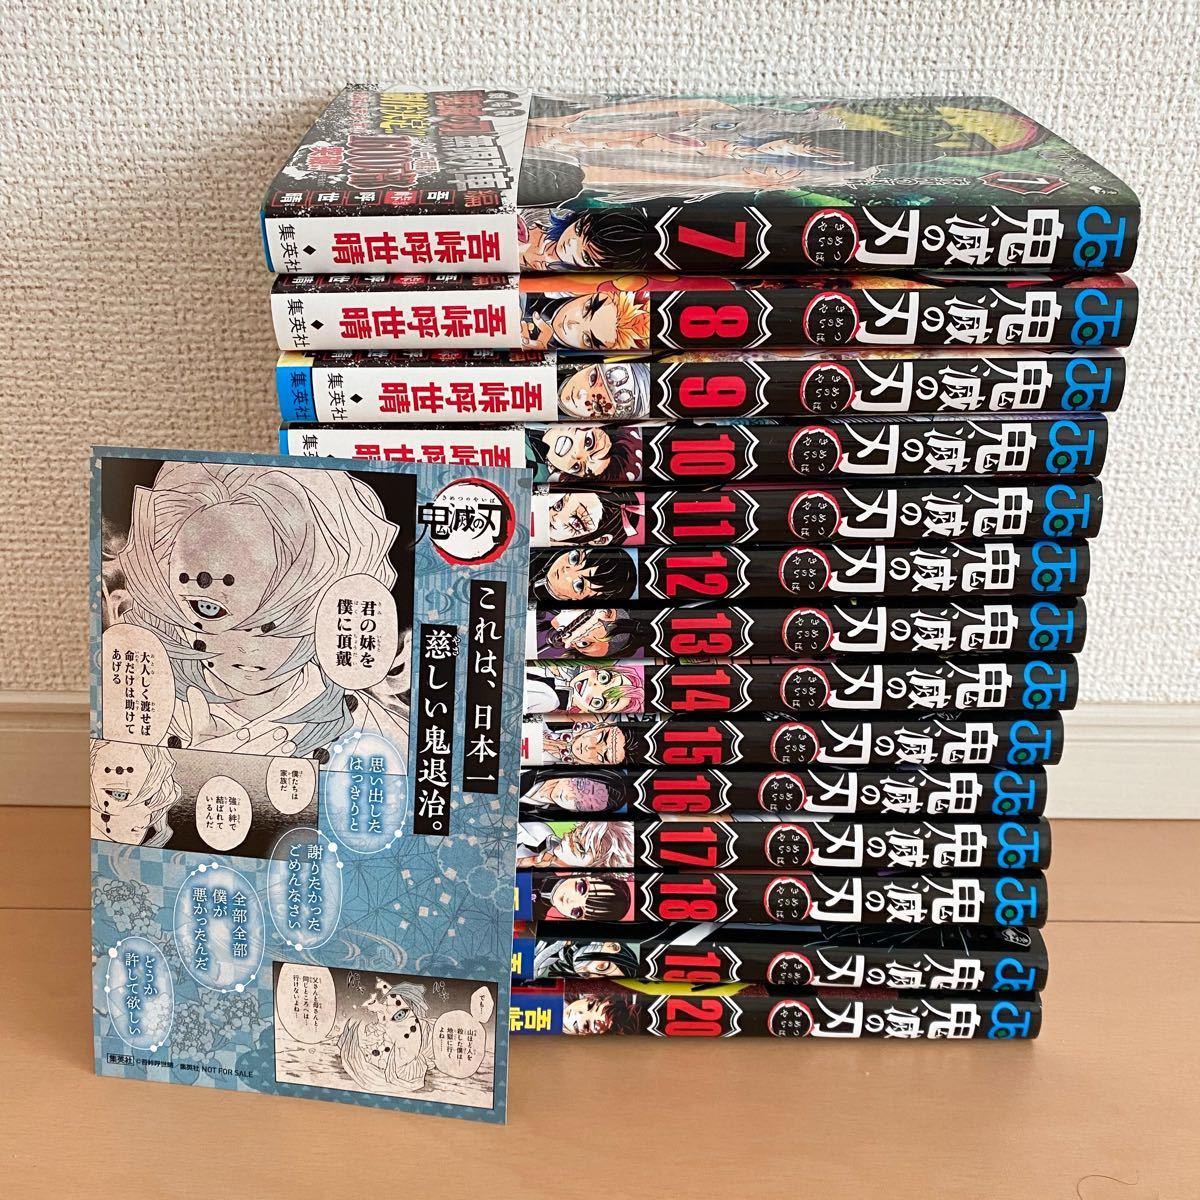 鬼滅の刃 7巻〜20巻 オリジナルカード付き 漫画 全巻帯付き 初版